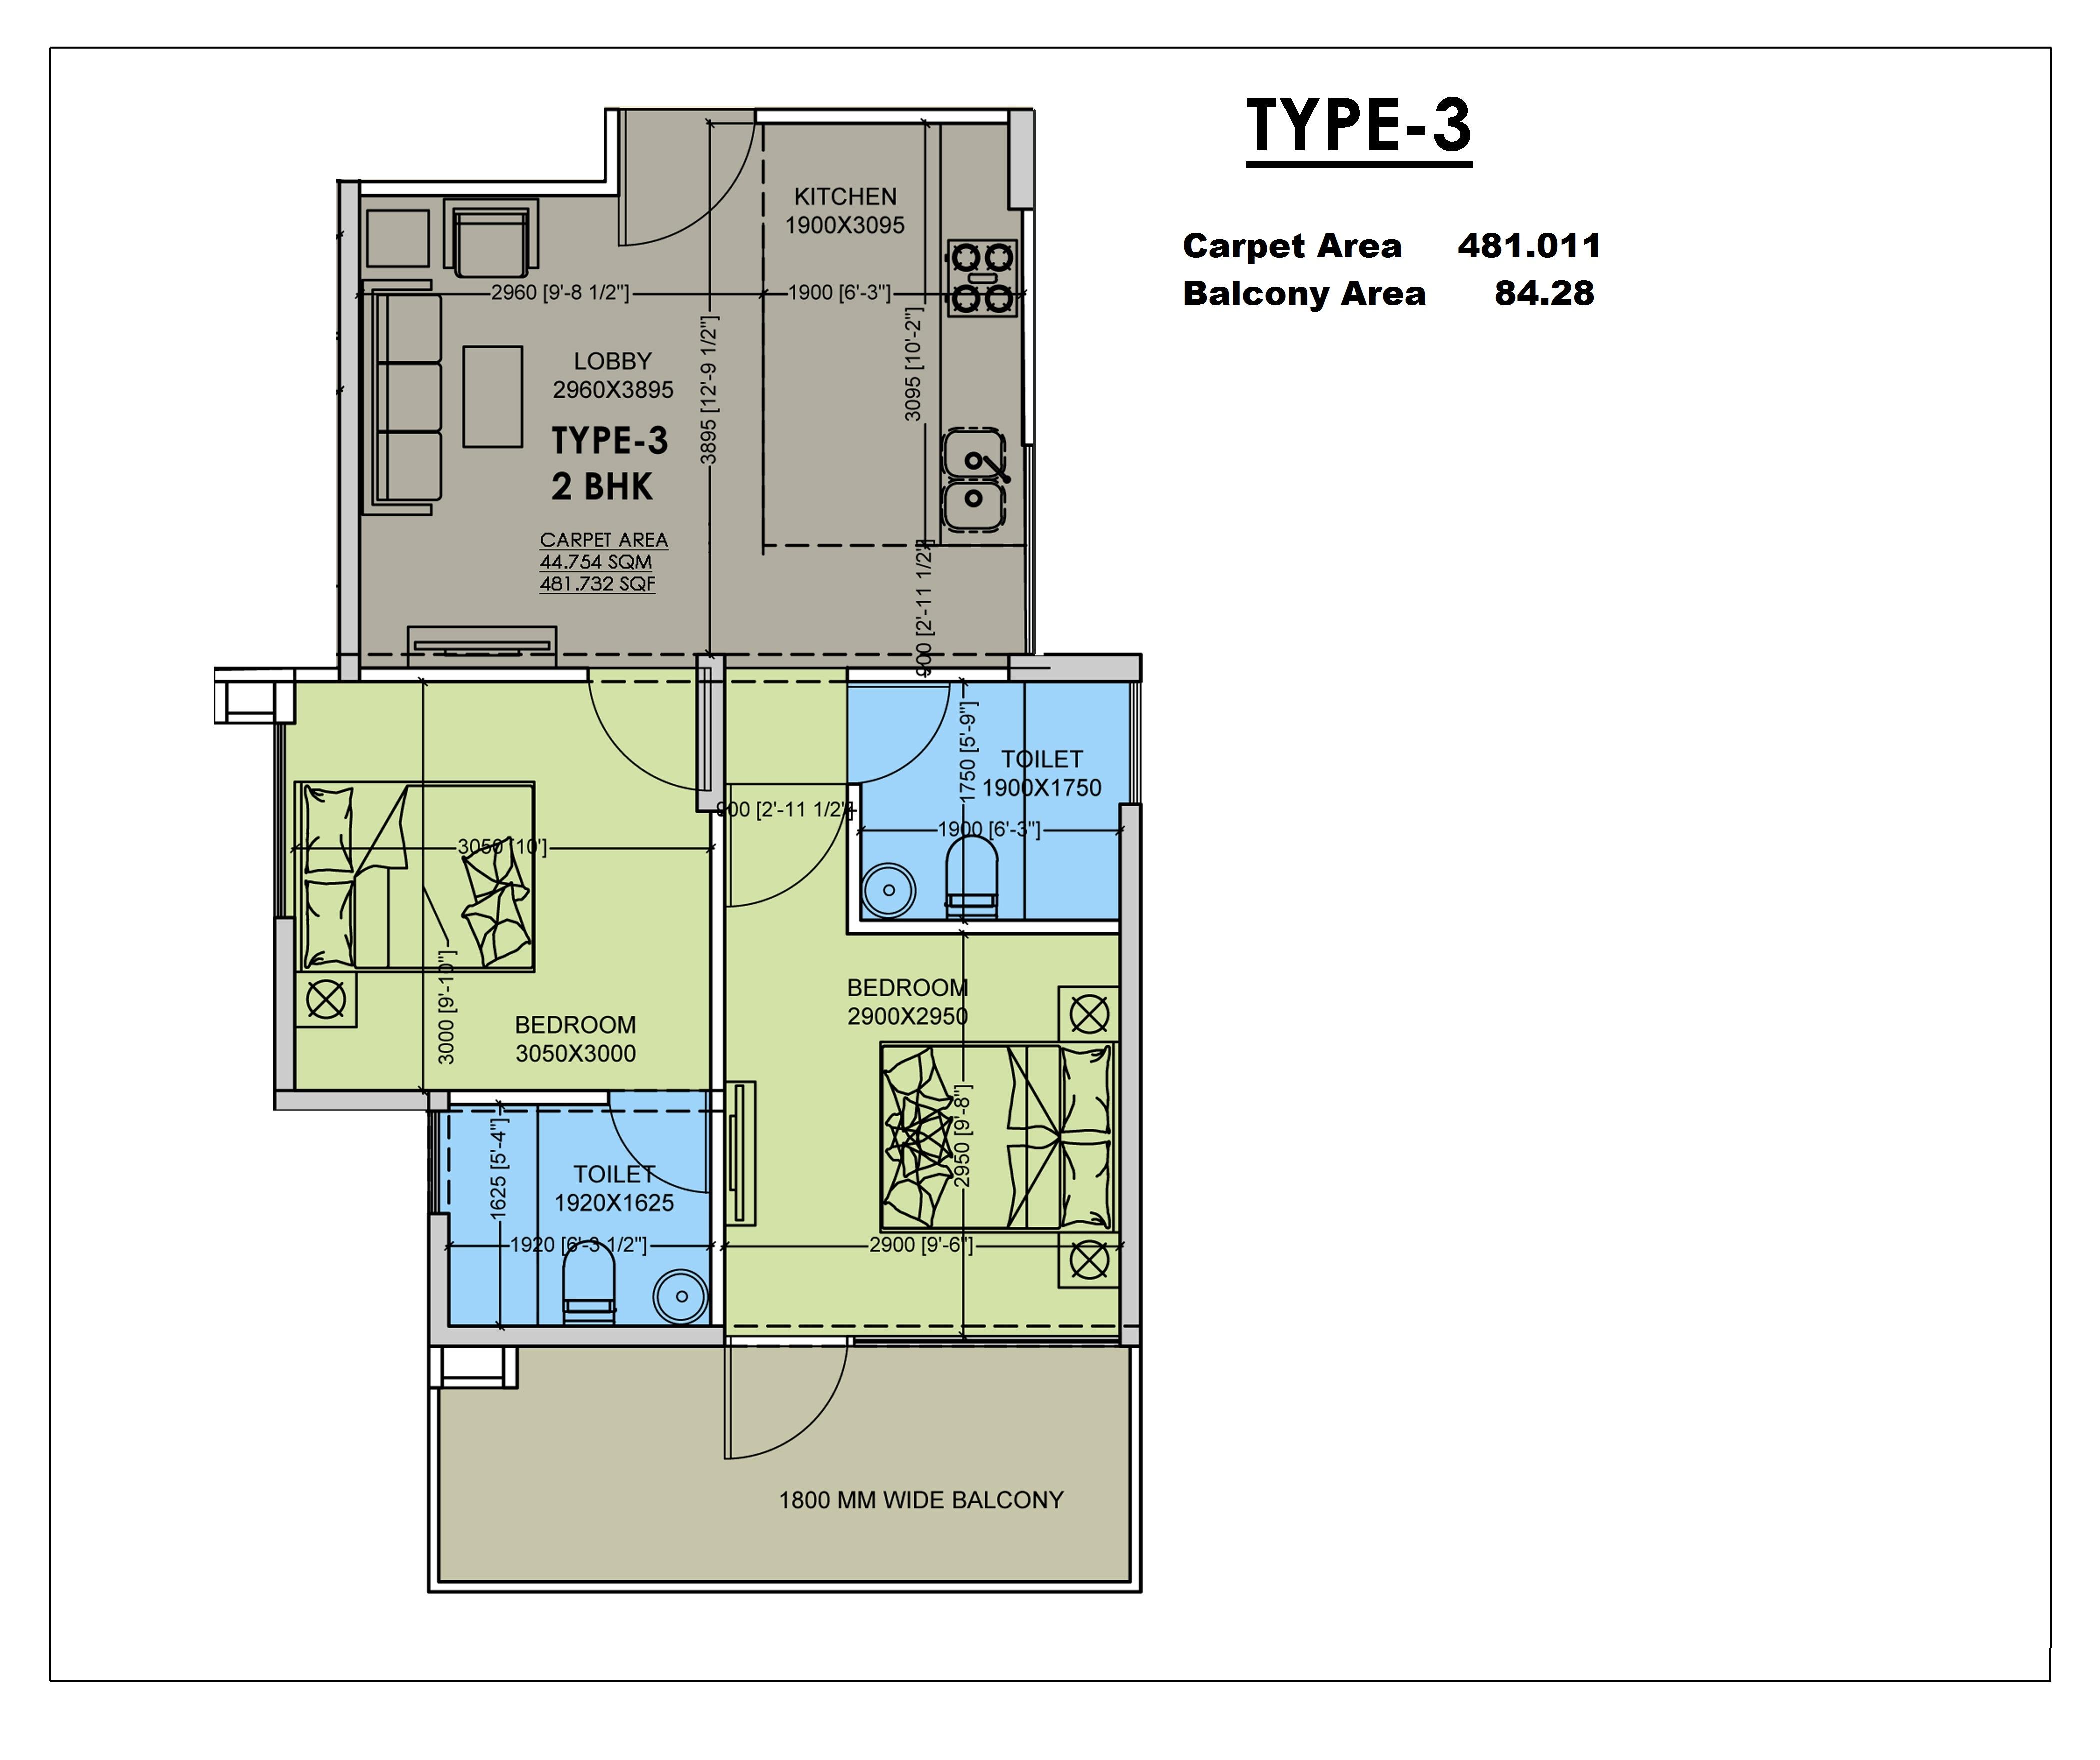 2 BHK Type 3 Layout Plan